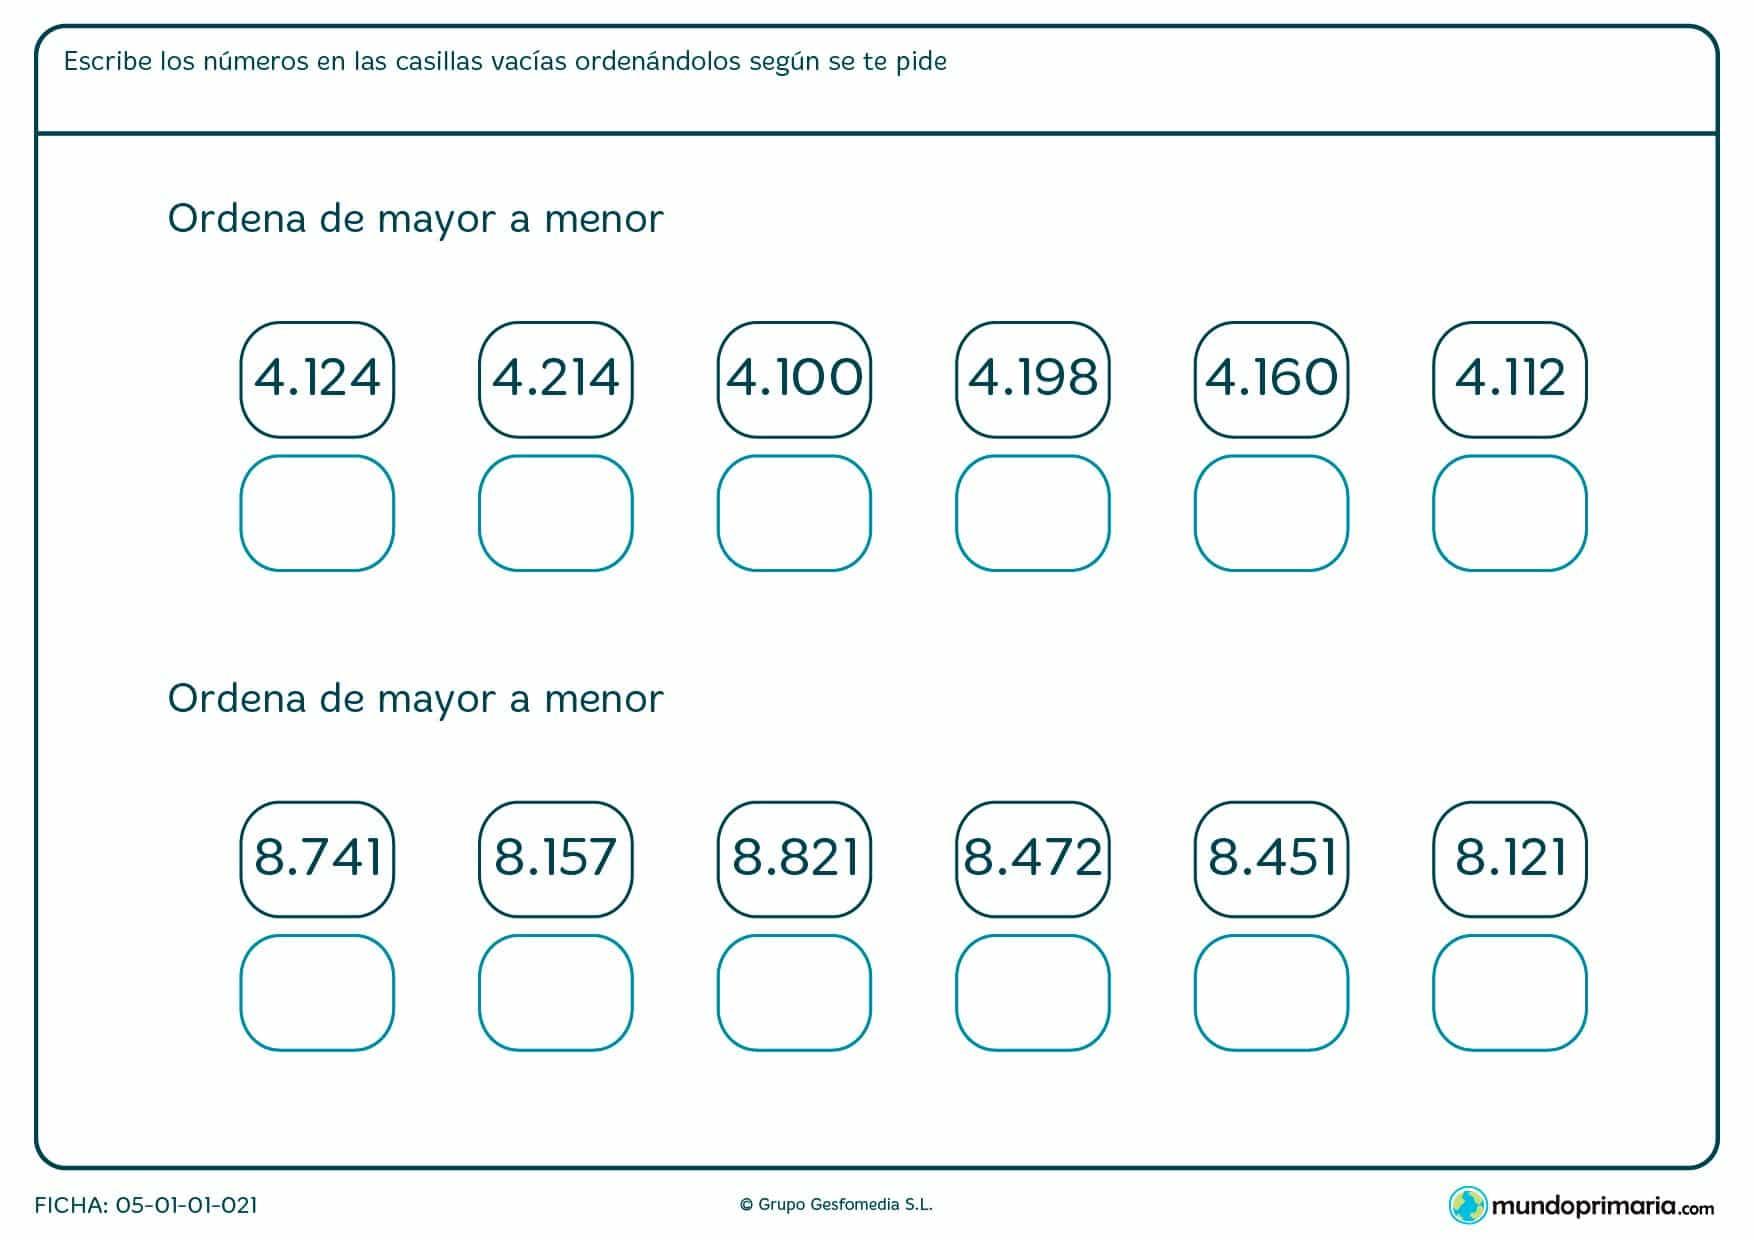 Ficha de colocar cantidades de cuatro cifras en orden de mayor a menor.